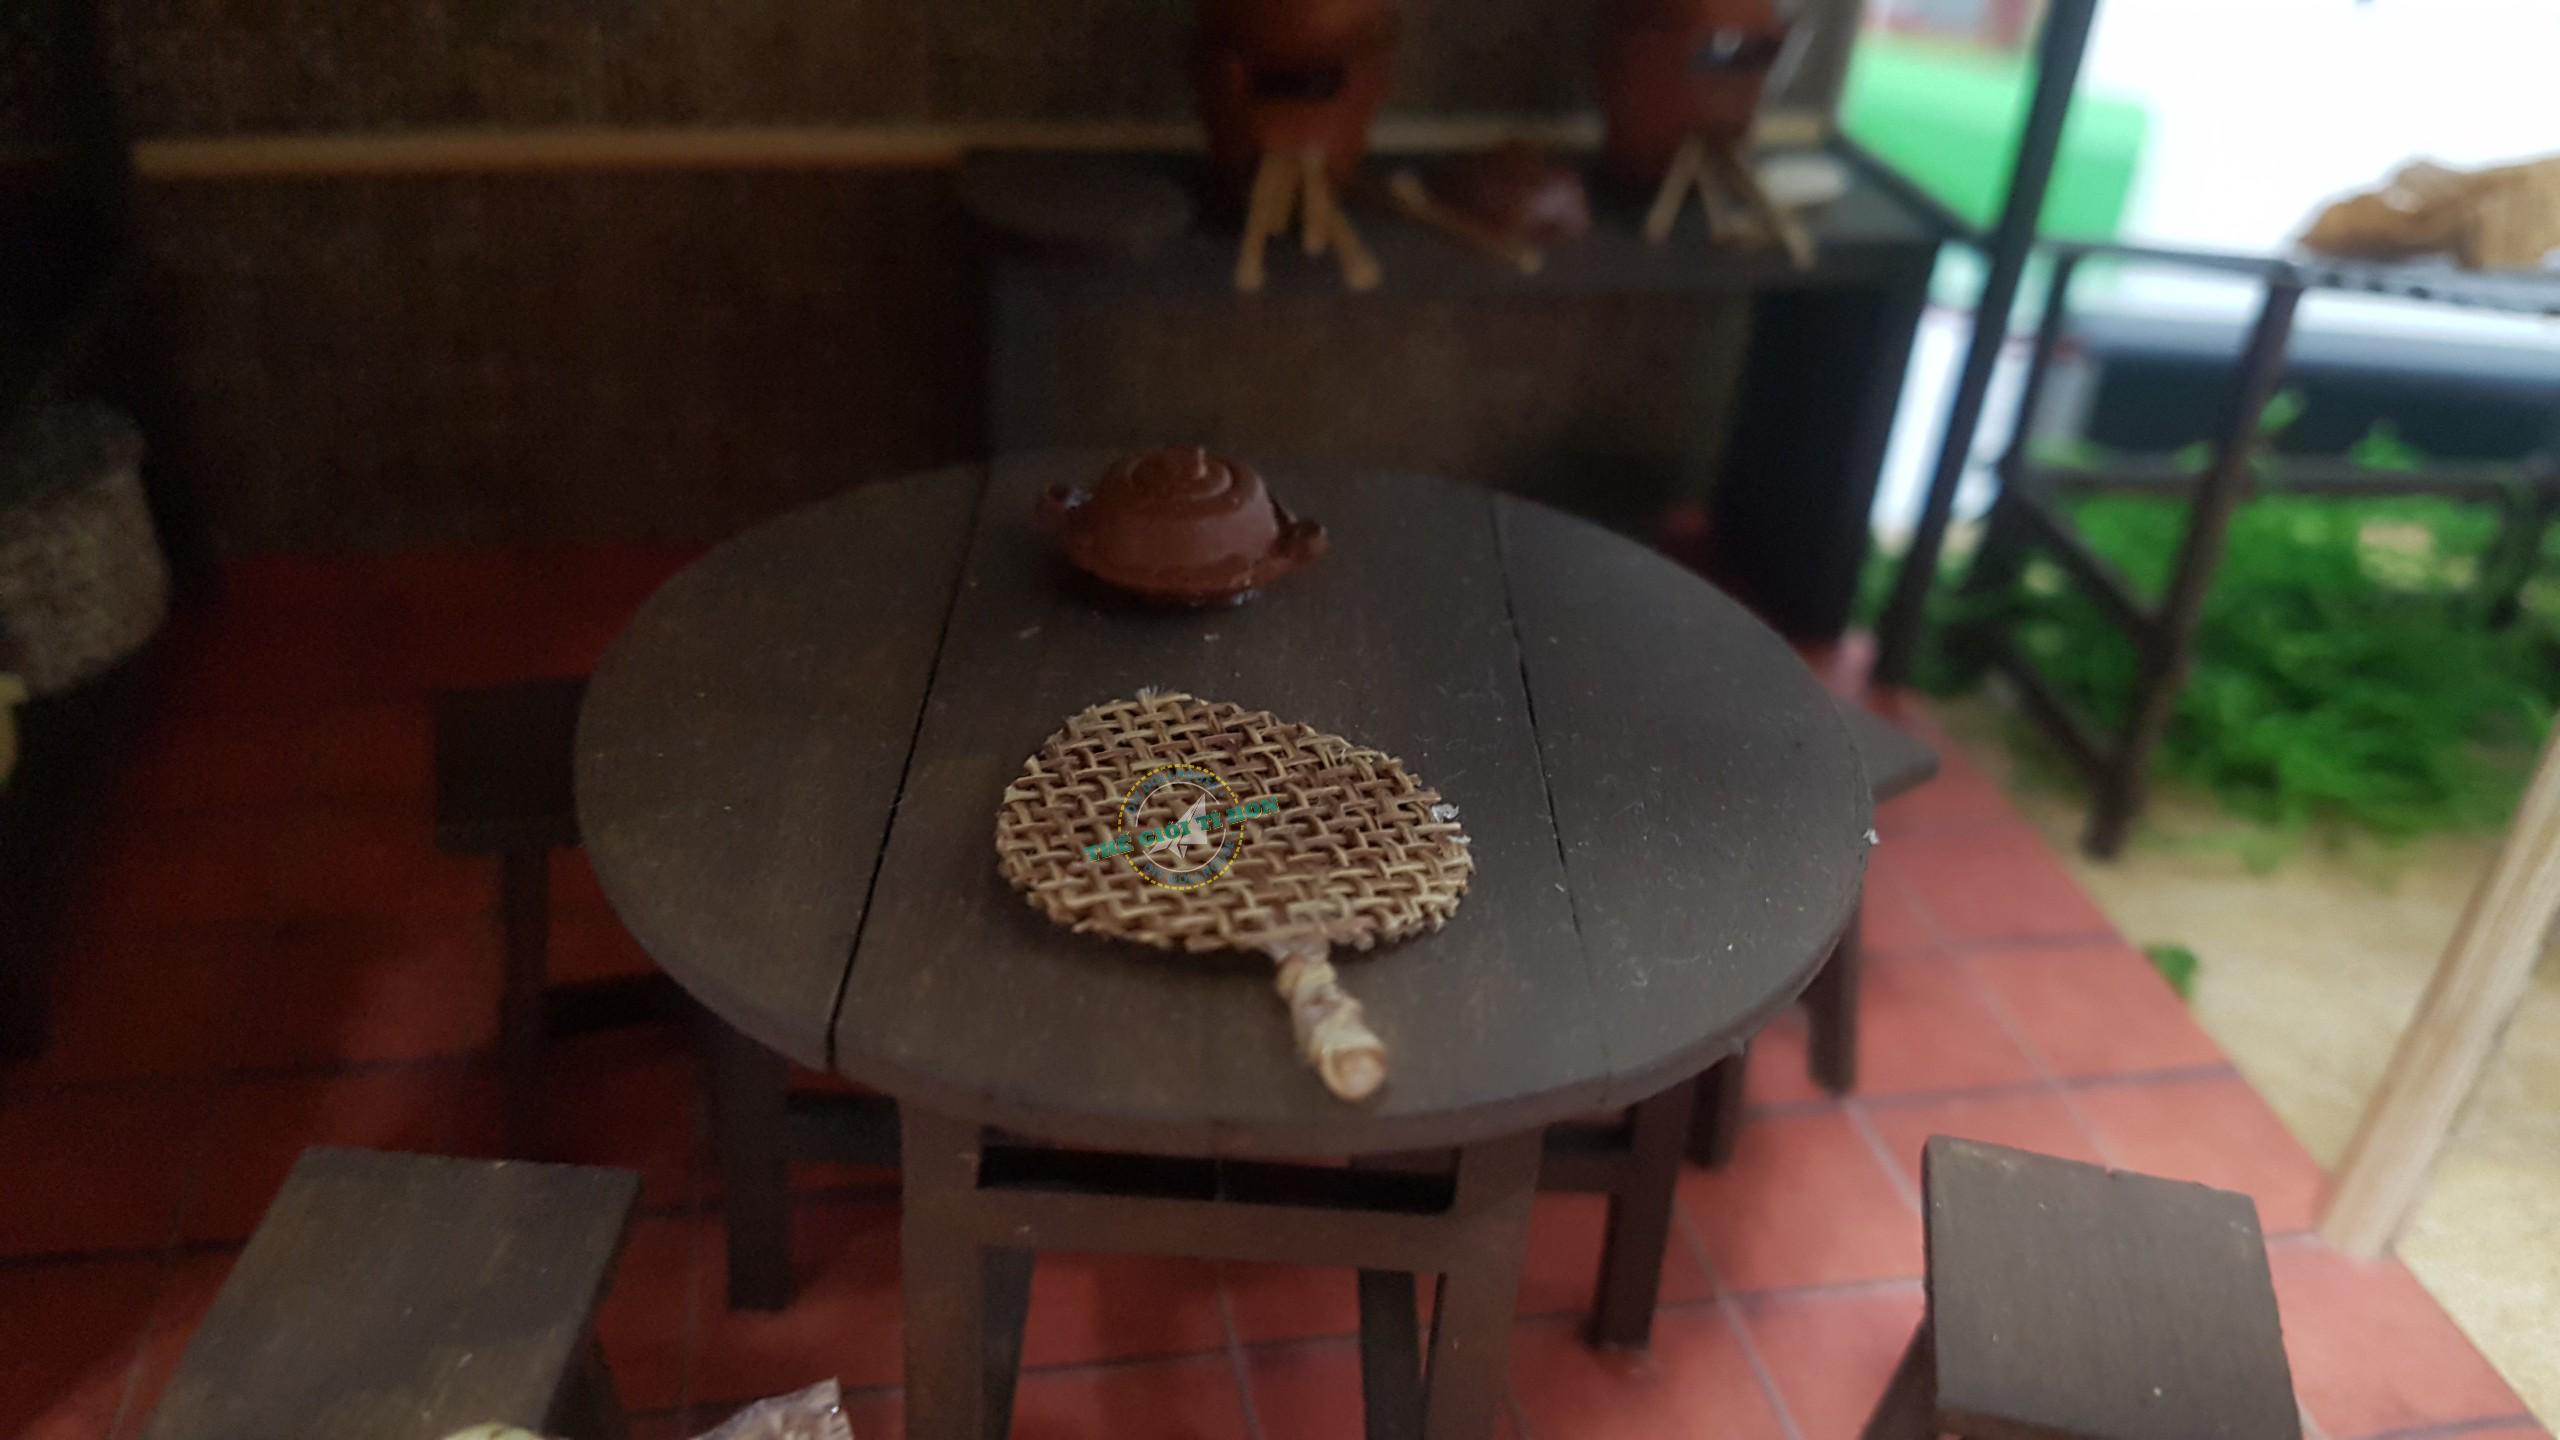 Tác Phẩm Mô Hình Quê Hương Bếp Miền Tây Tự Lắp Ráp Của Chị Oanh - MT01